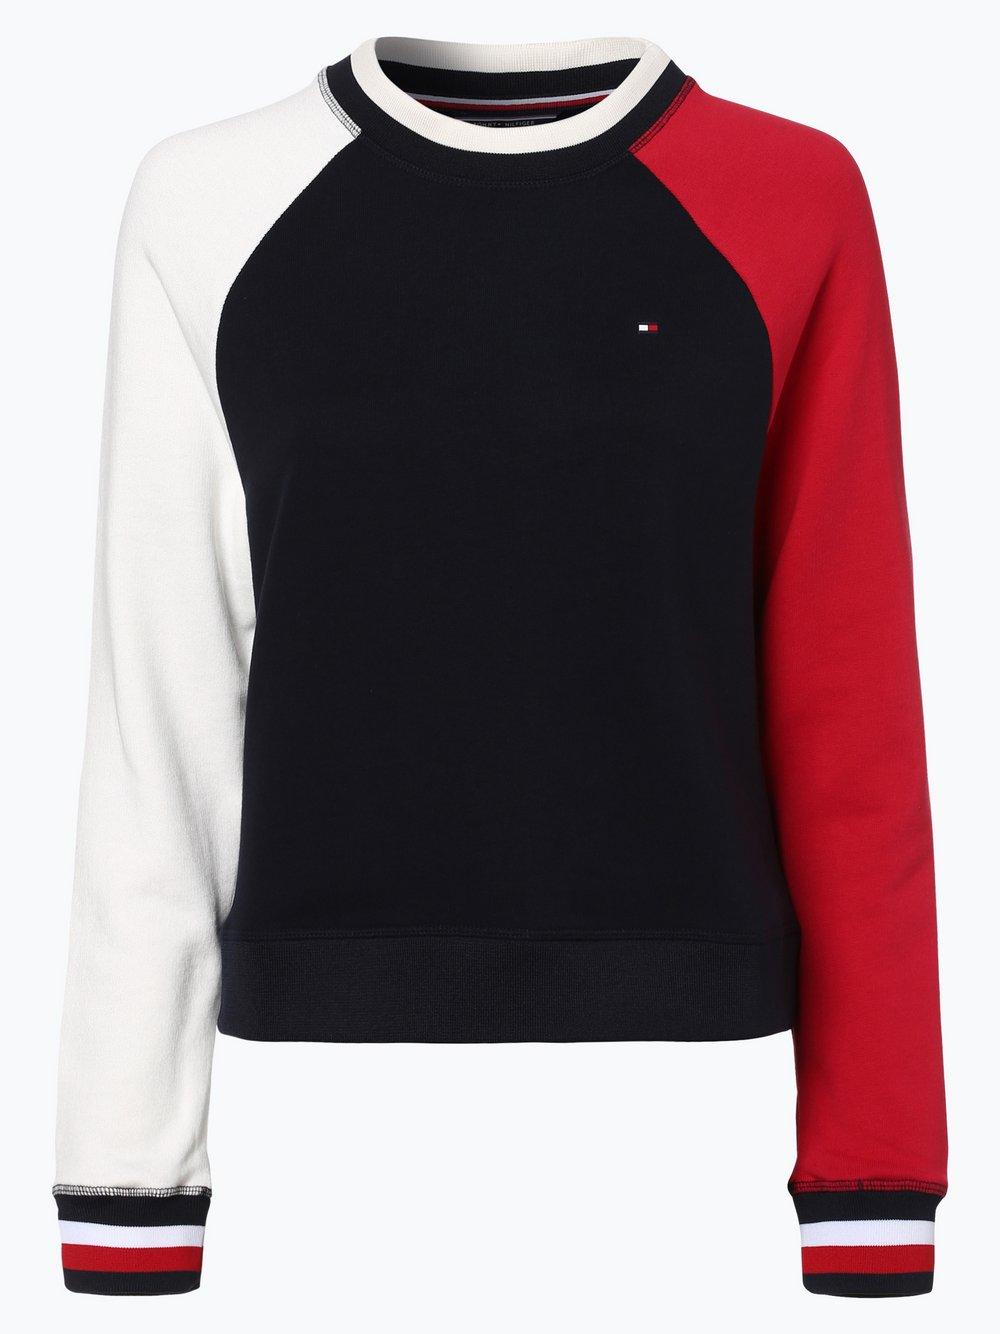 damen sweatshirt tommy hilfiger